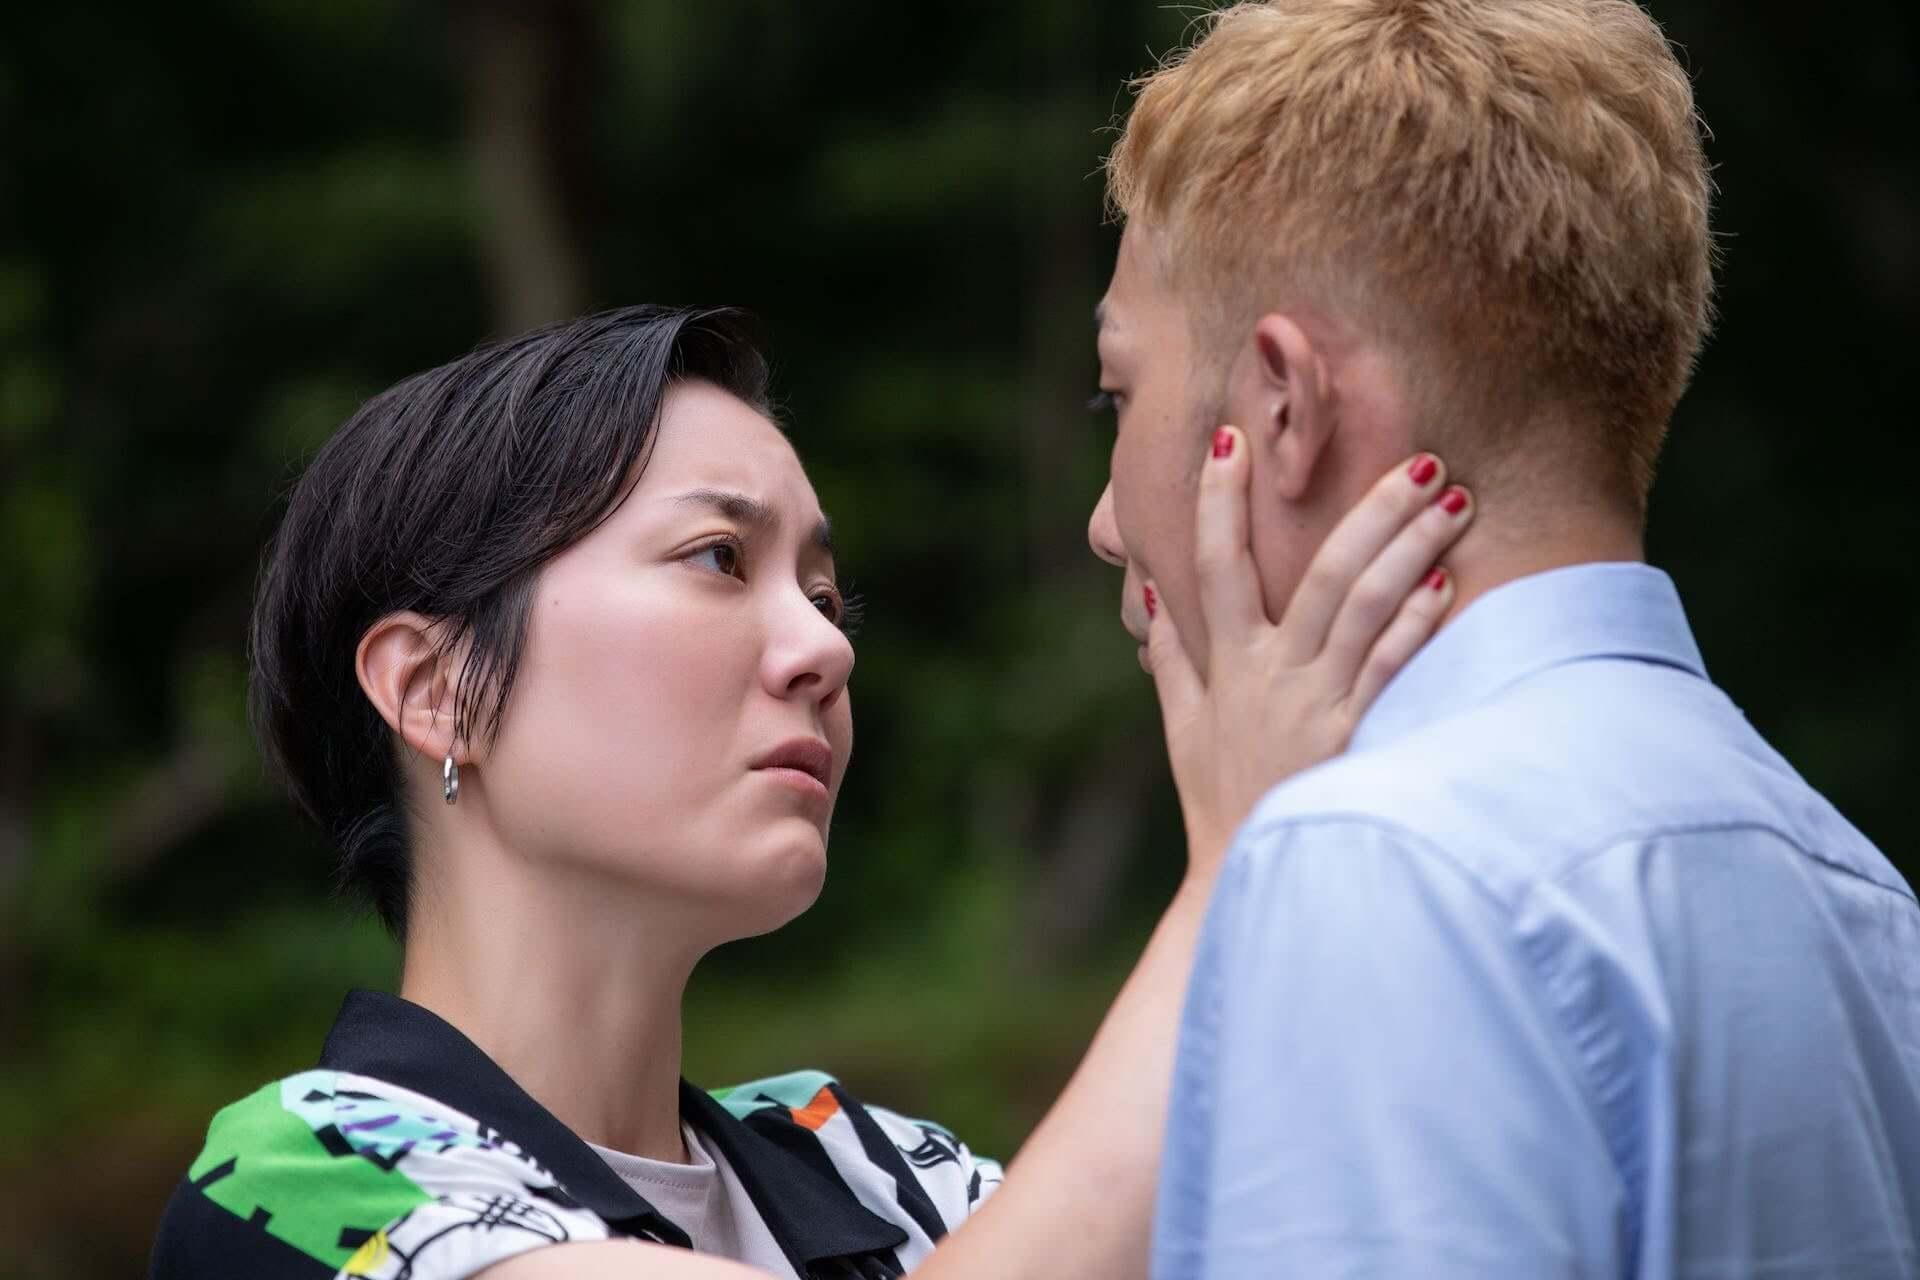 水原希子とさとうほなみ演じる2人の愛の行方とは…Netflix映画『彼女』のティーザー予告編&場面写真が解禁 film210224_netflix-kanojo_10-1920x1280